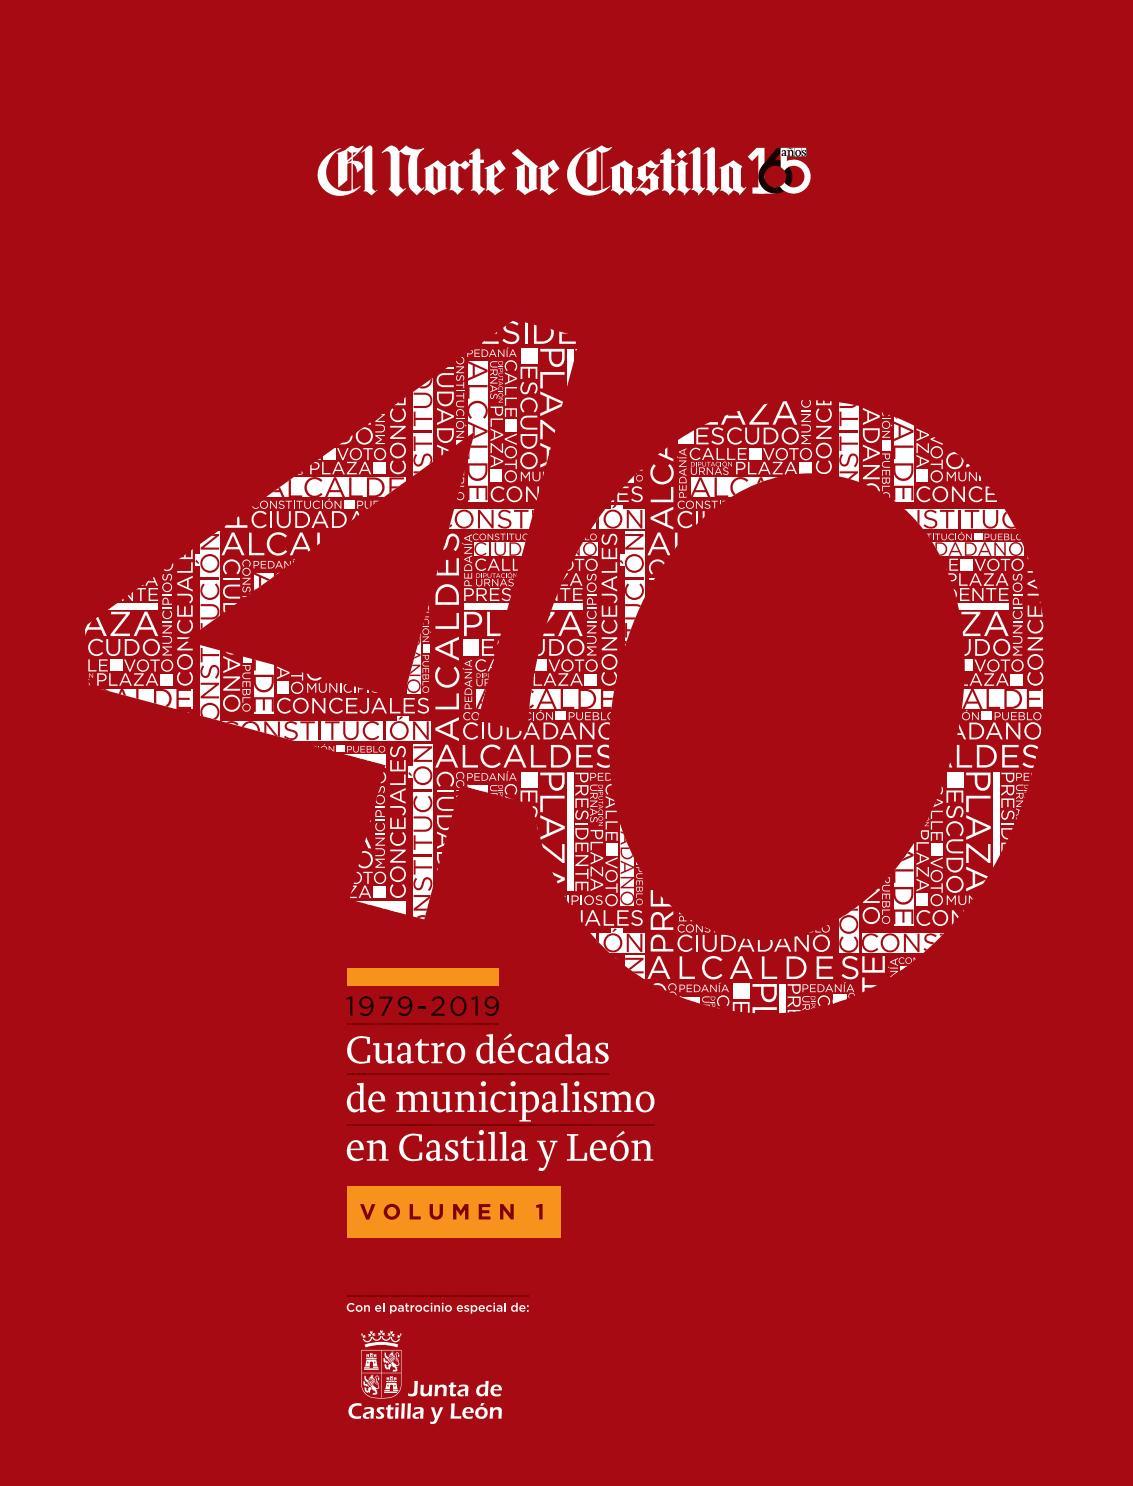 c90767b730d8 40 años de municipalismo - Valladolid - Pueblos by El Norte de Castilla -  issuu